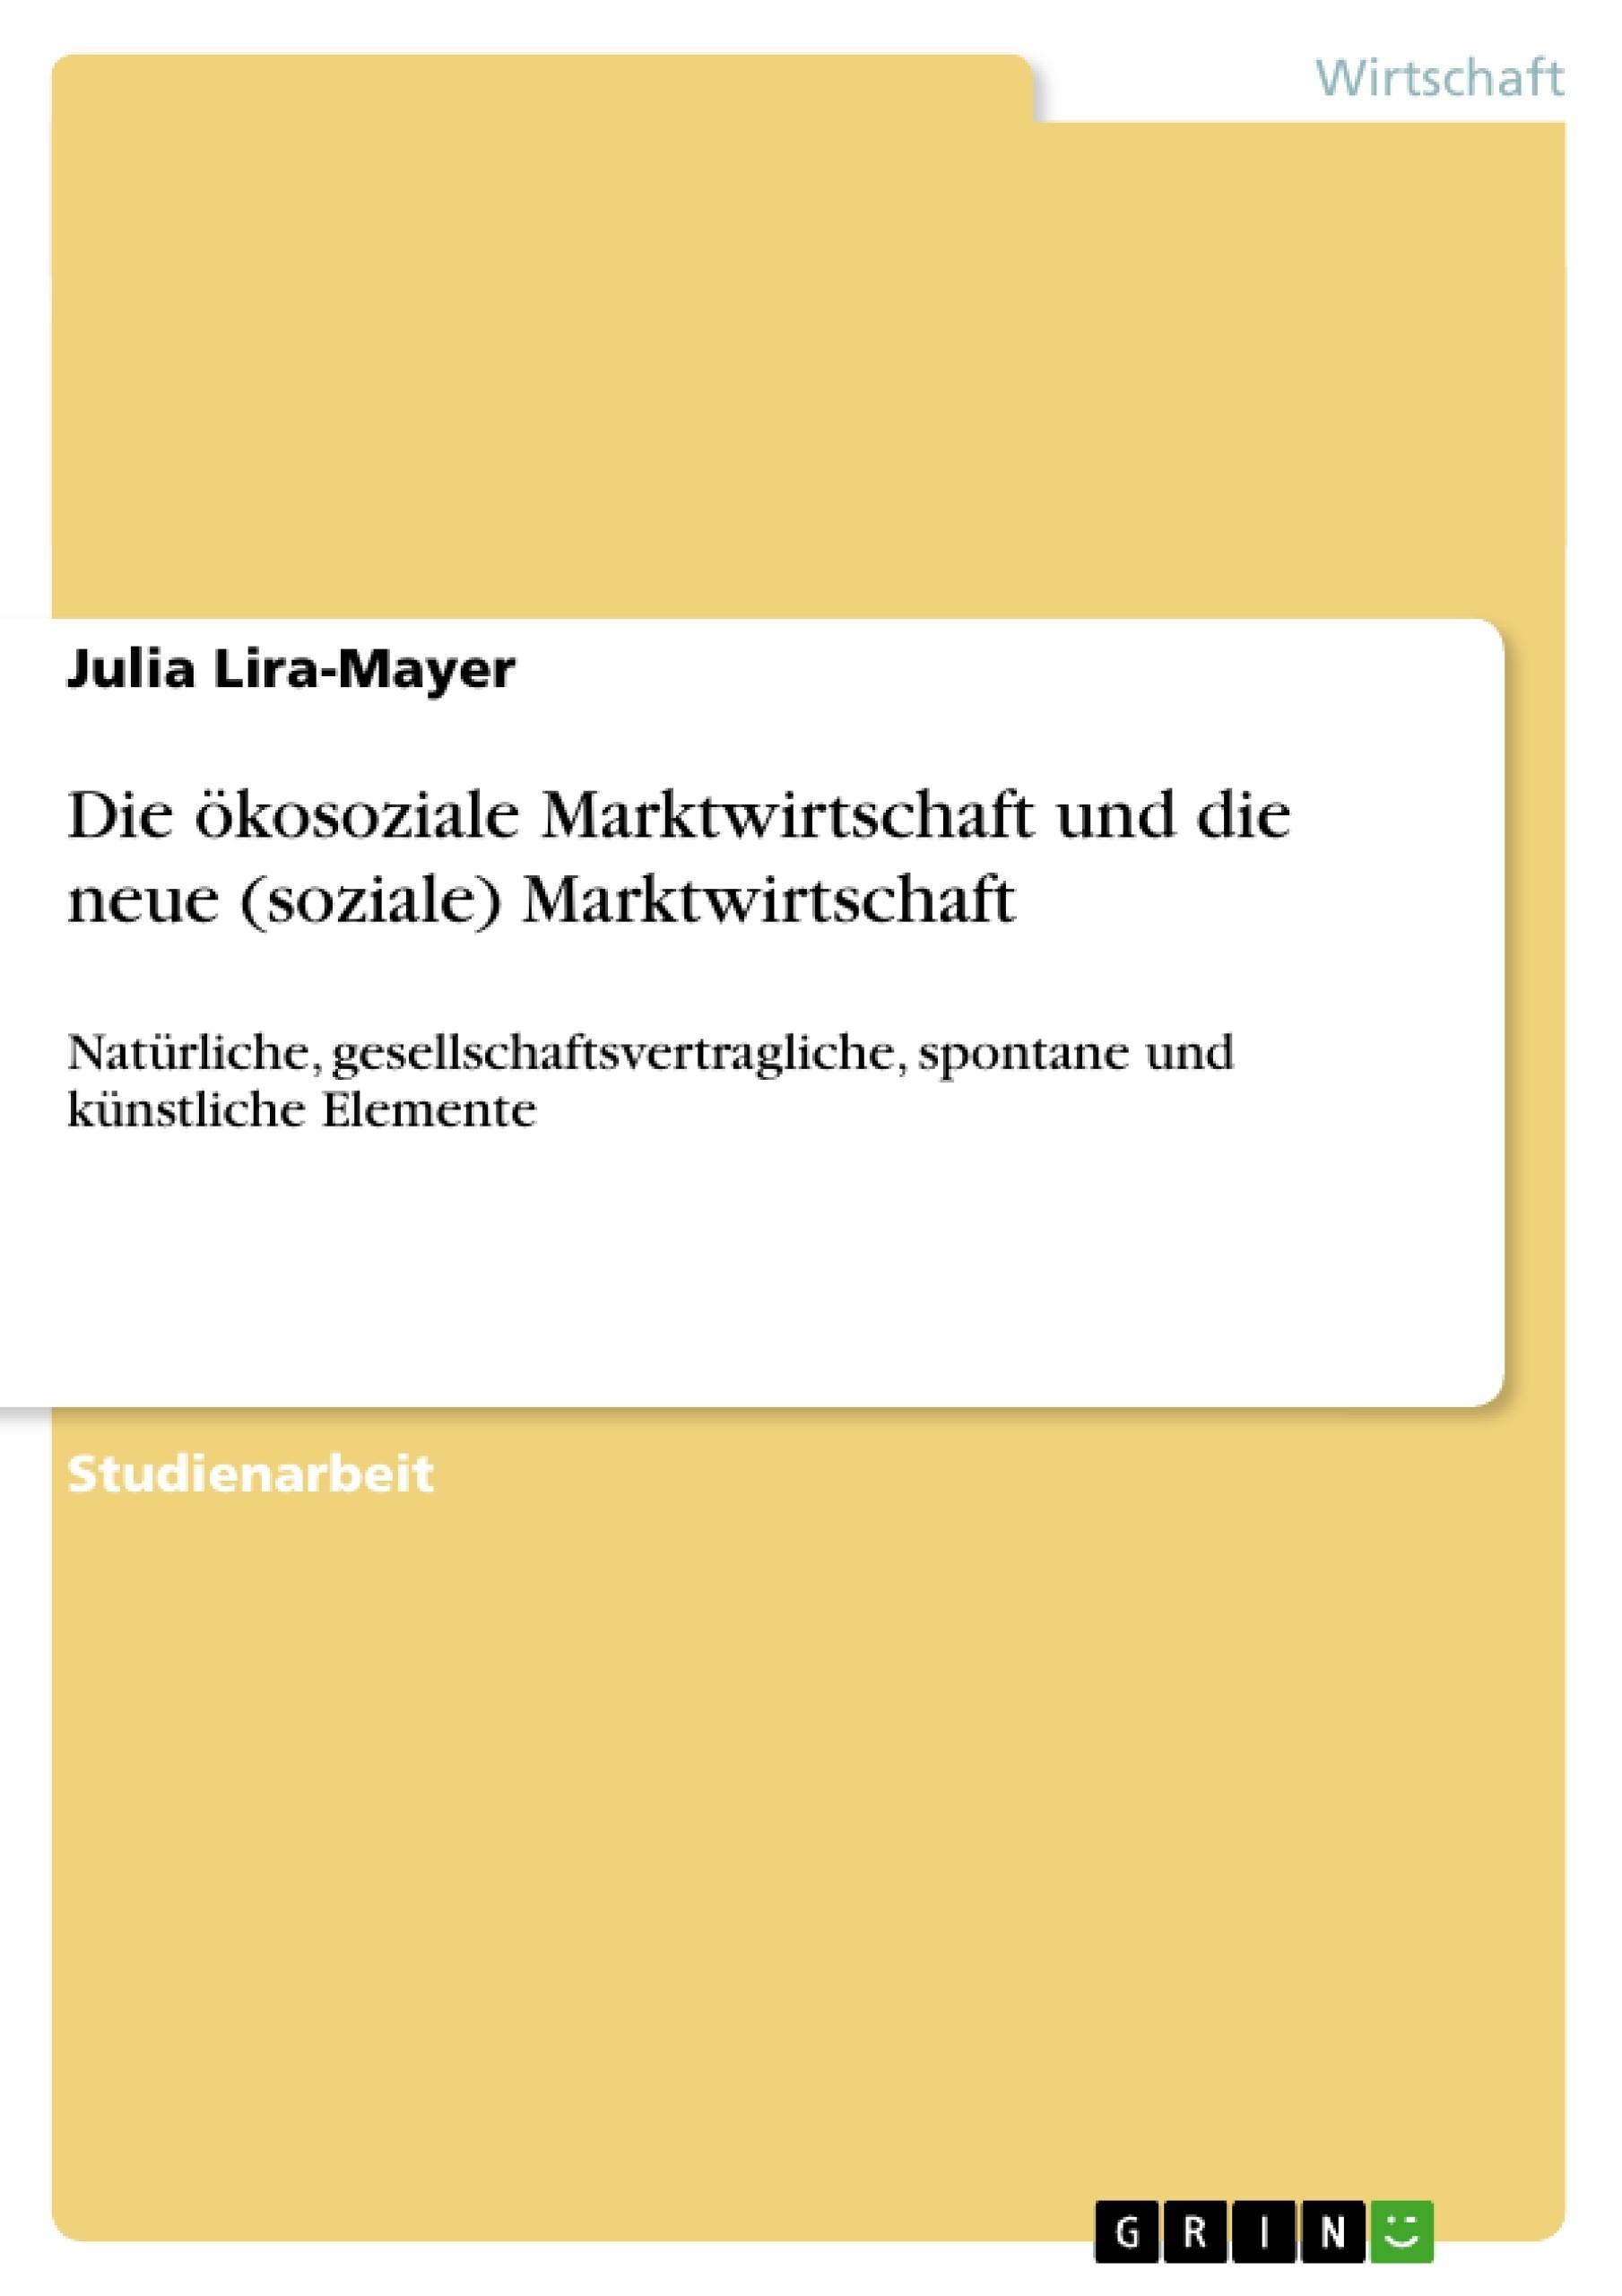 Titel: Die ökosoziale Marktwirtschaft und die neue (soziale) Marktwirtschaft